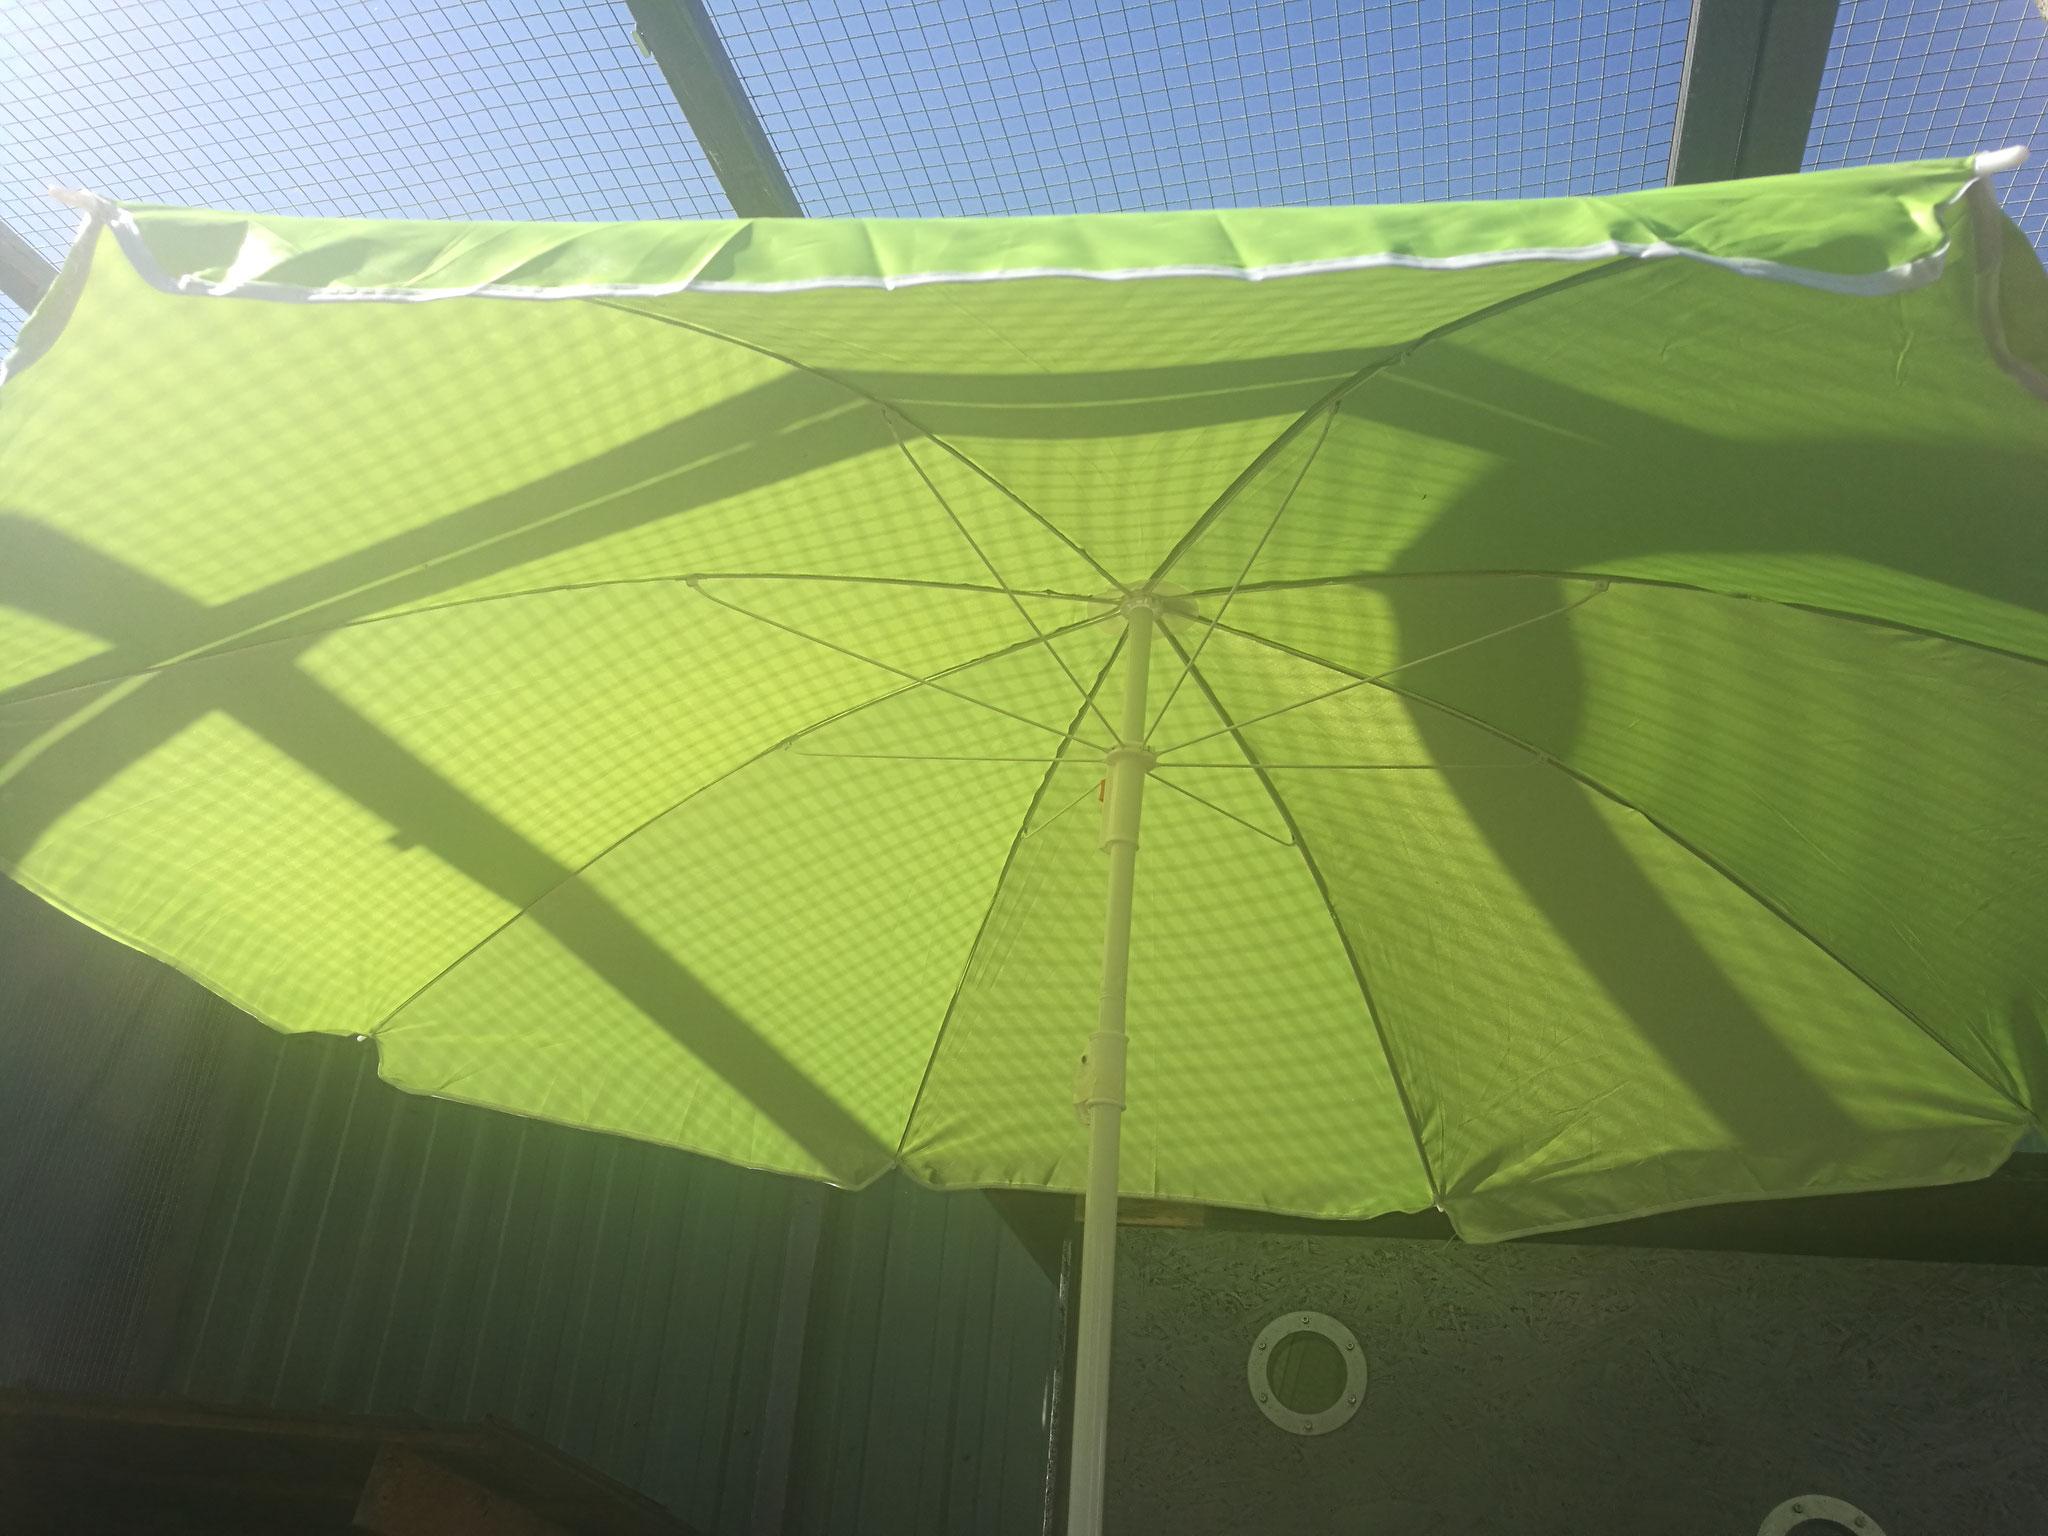 Sonnenschutz ist im Sommer unverzichtbar